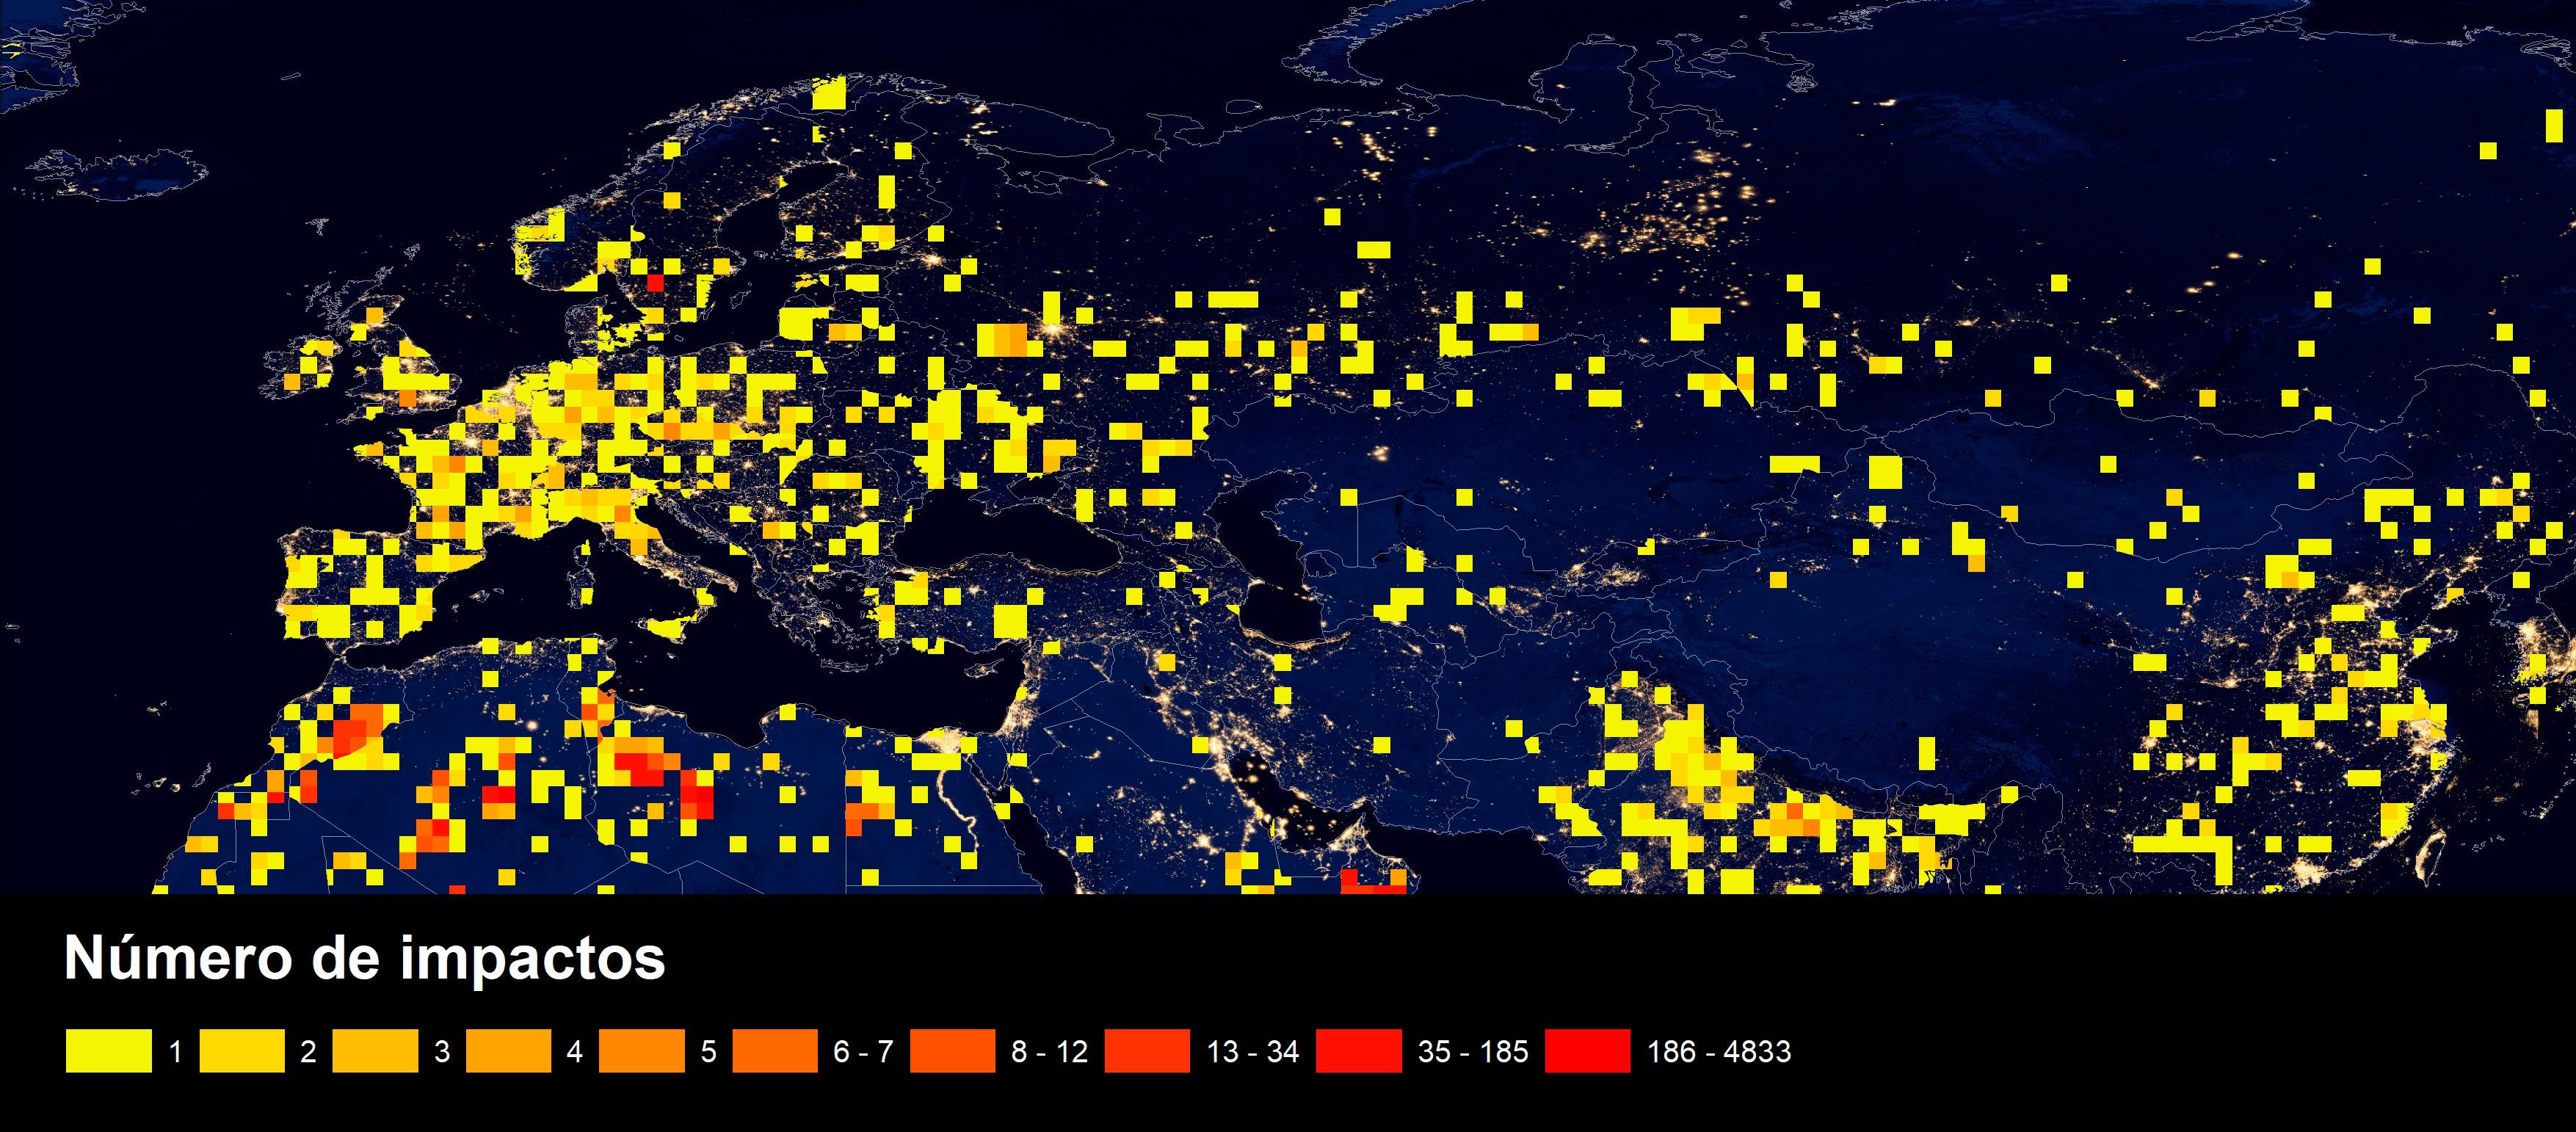 Mapa de impacto de meteoritos